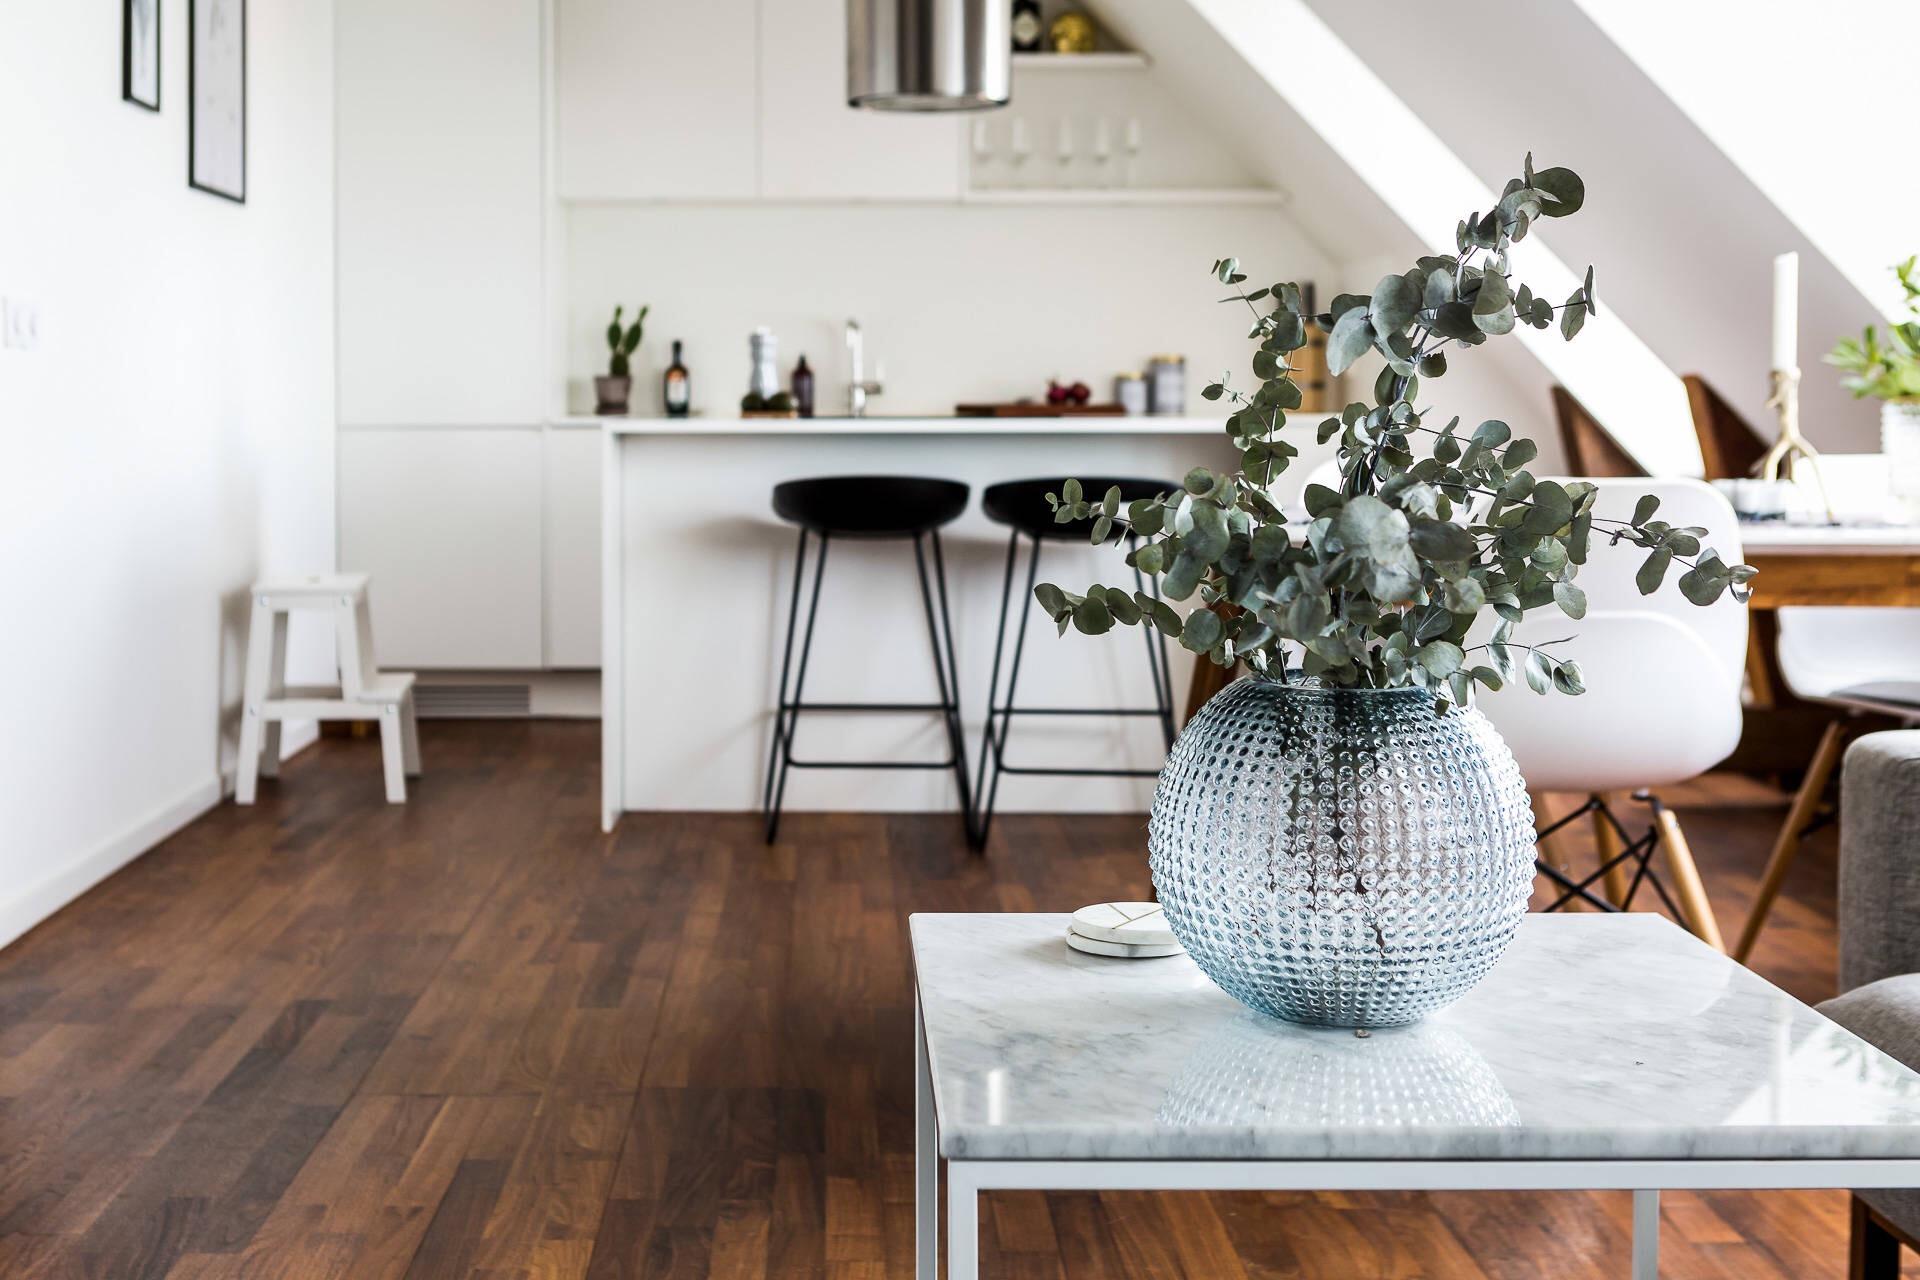 кухня остров барные стулья ваза